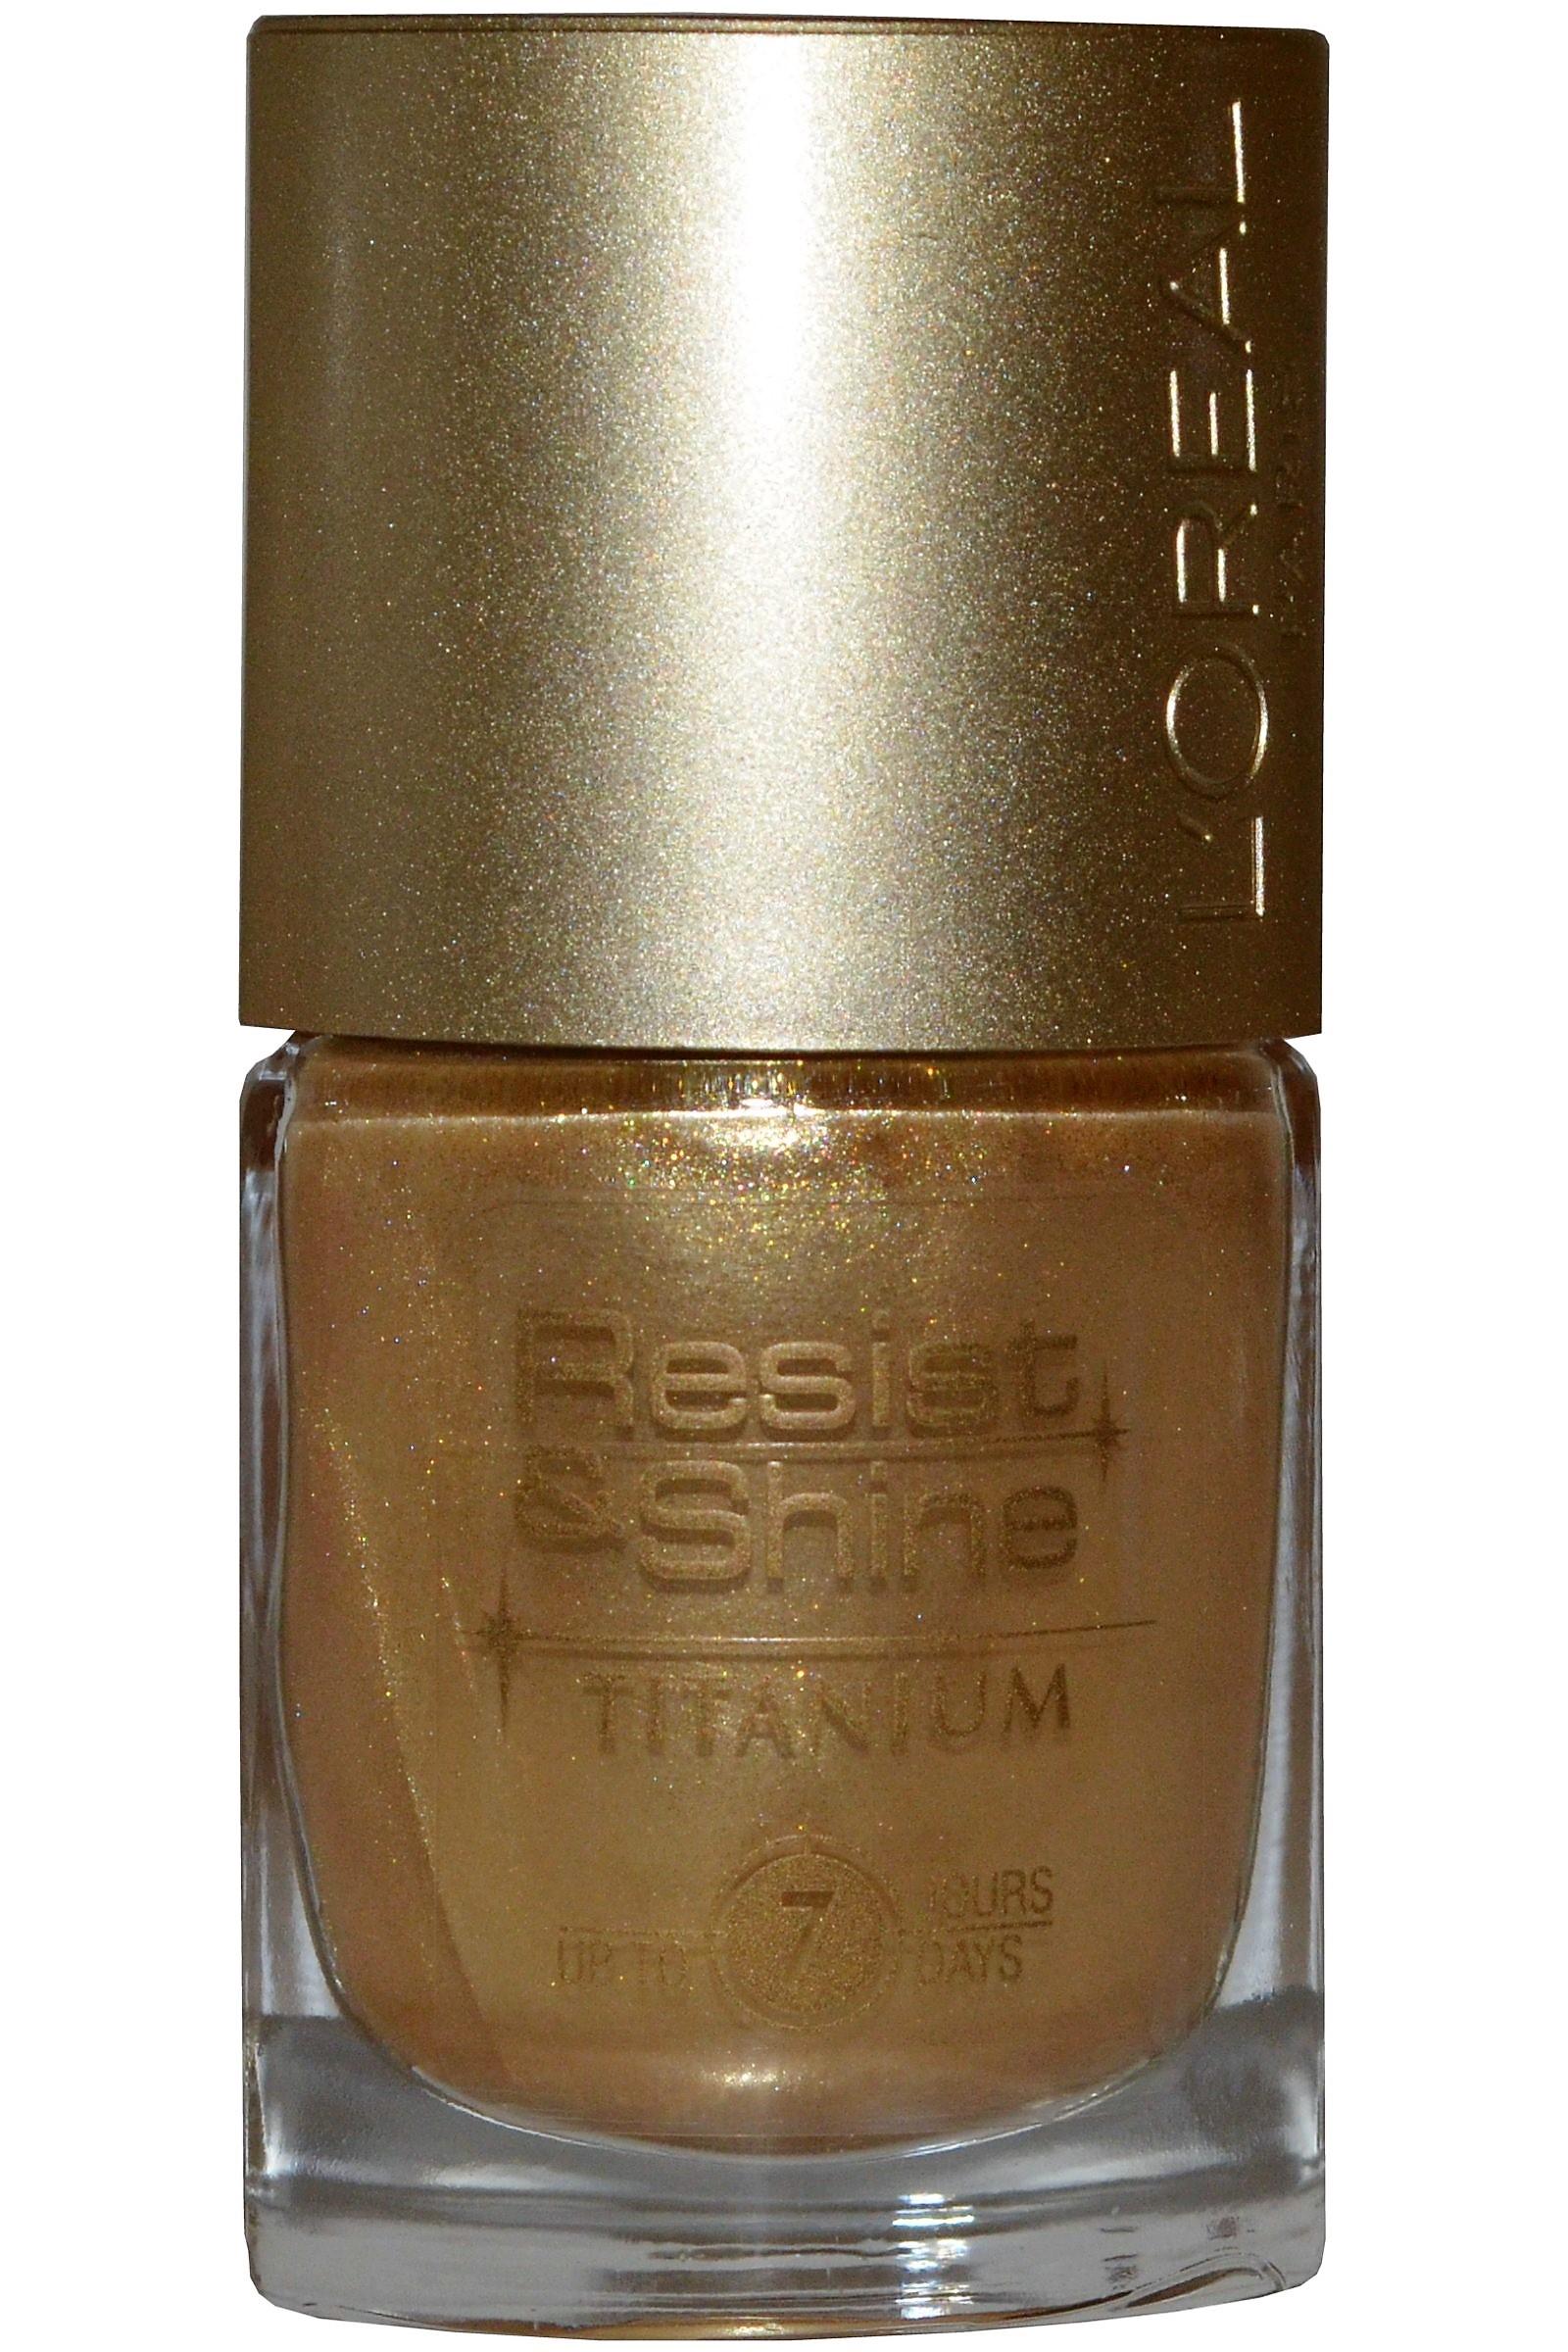 L Oreal Resist & Shine Titanium Nail Polish 9ml #738